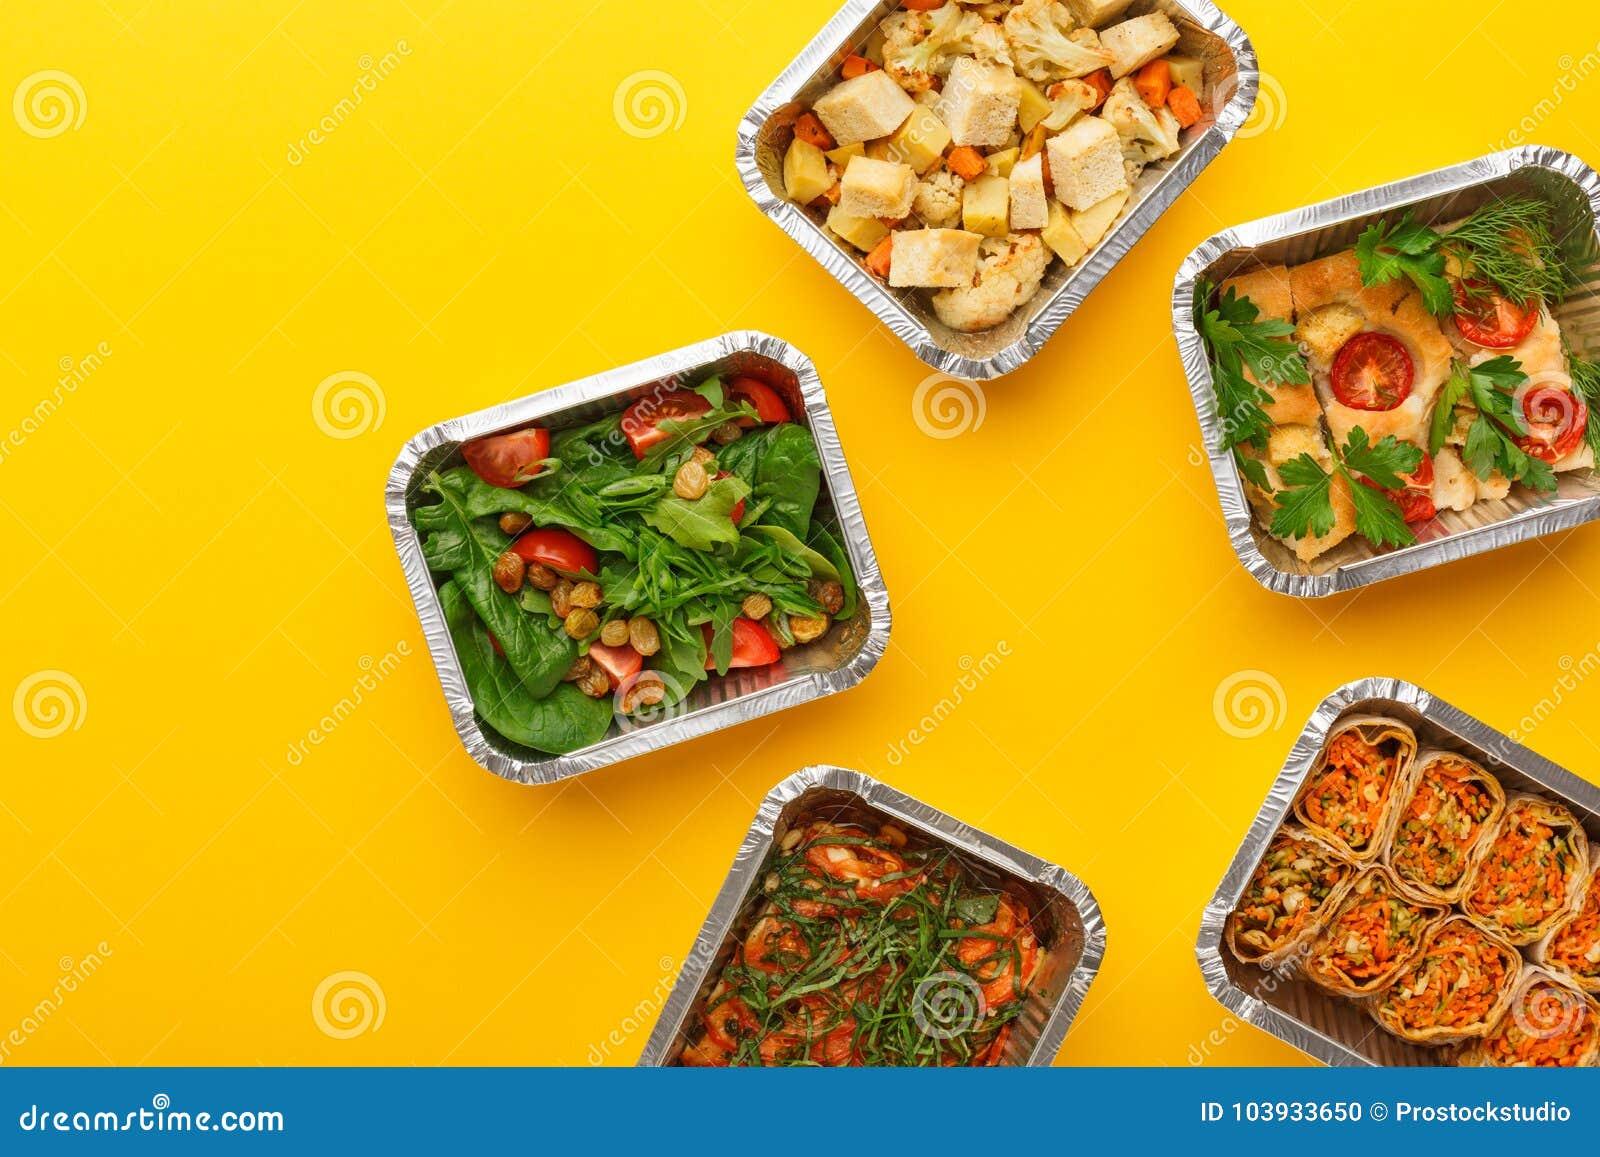 Gesunde Mahlzeitlieferung Rechtes Konzept essend, kopieren Sie Raum, Draufsicht